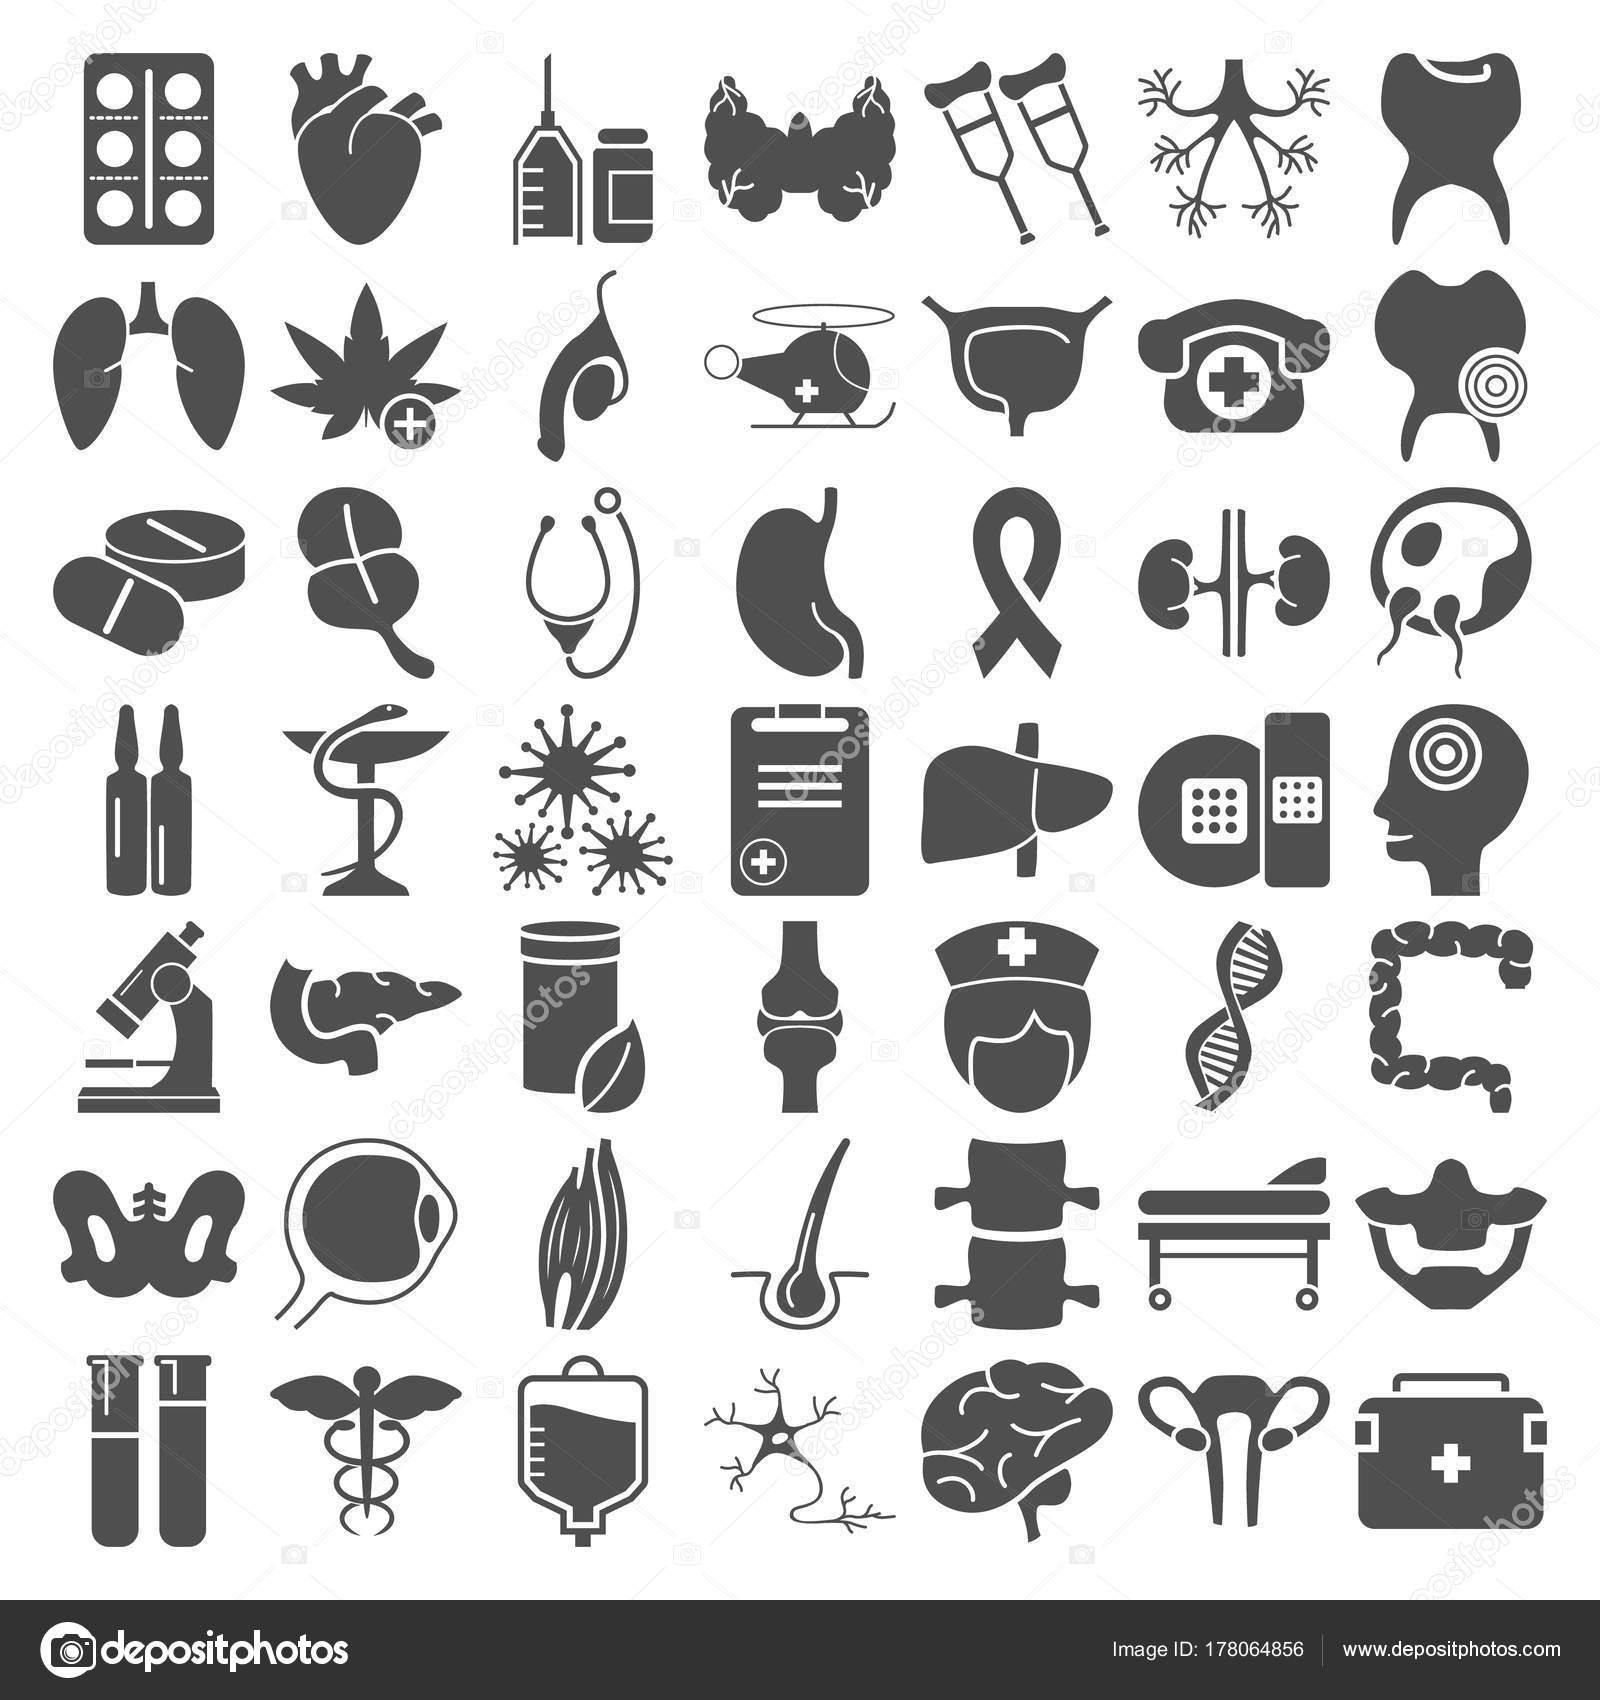 Gran medicina y anatomía simple los iconos para diseño web y móvil ...